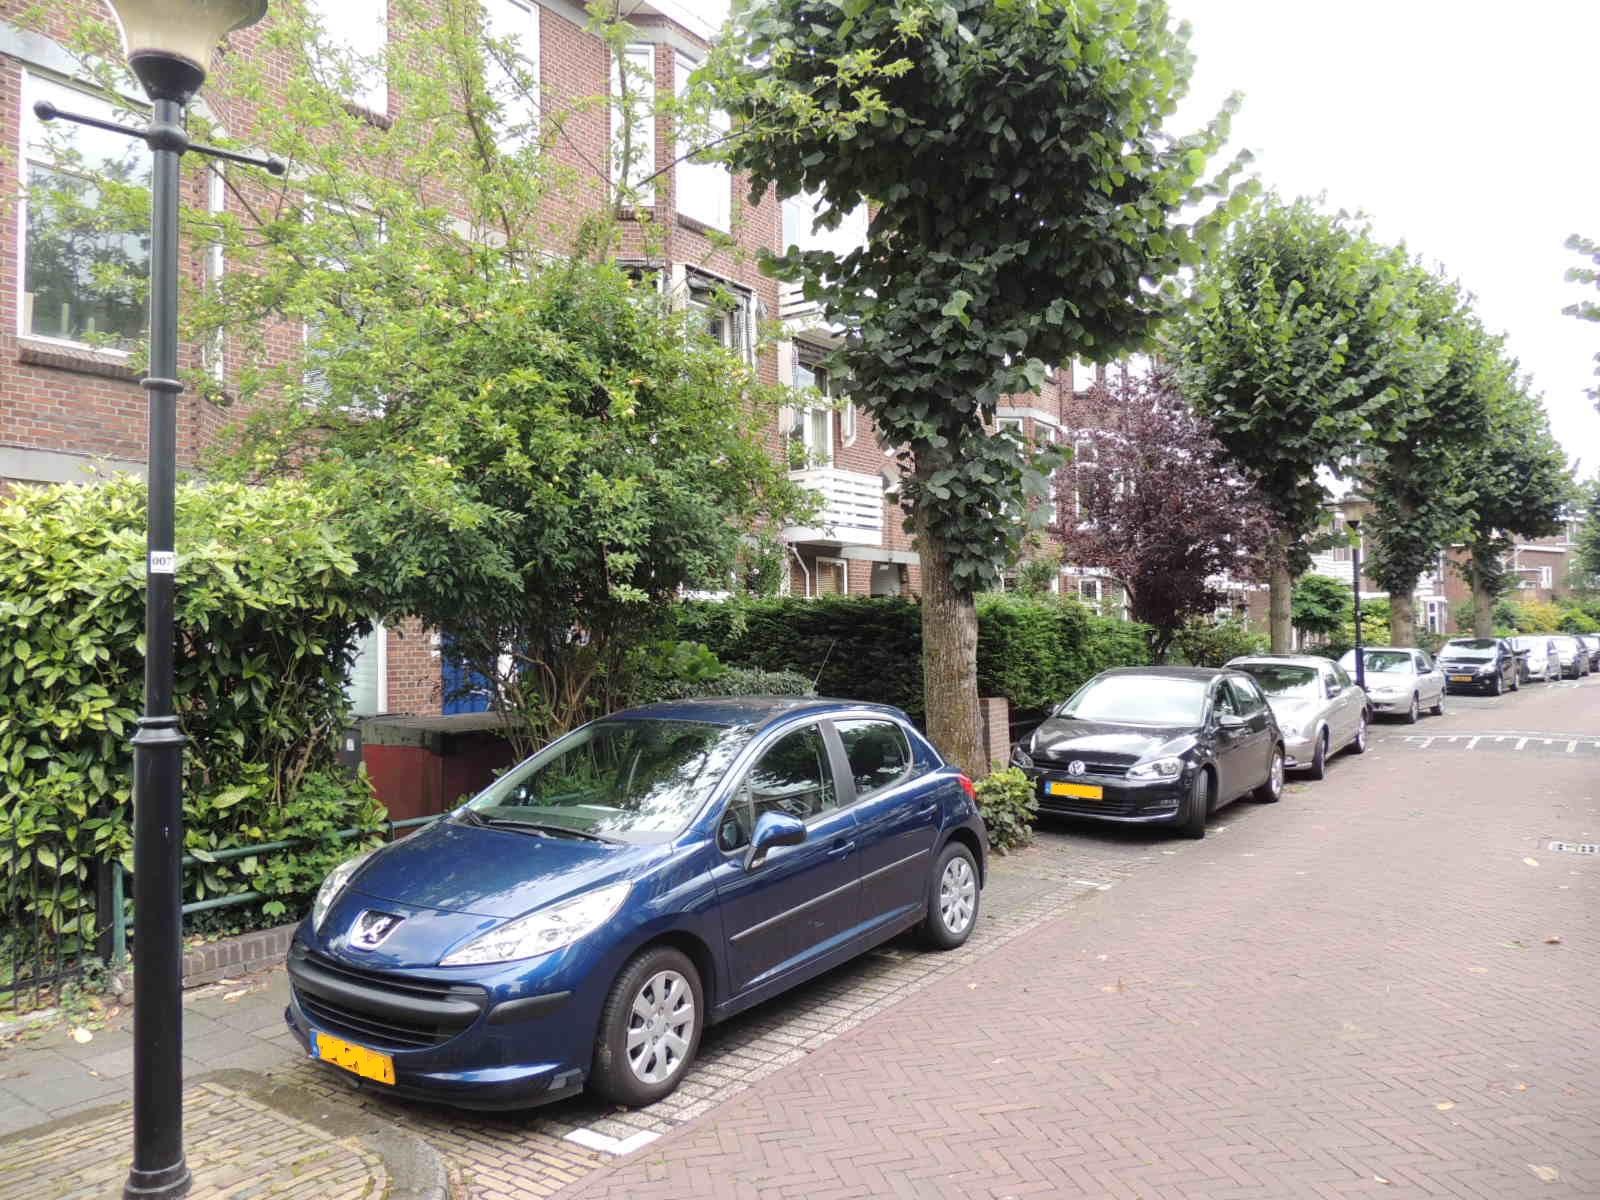 Verhagen Metmanstraat, The Hague